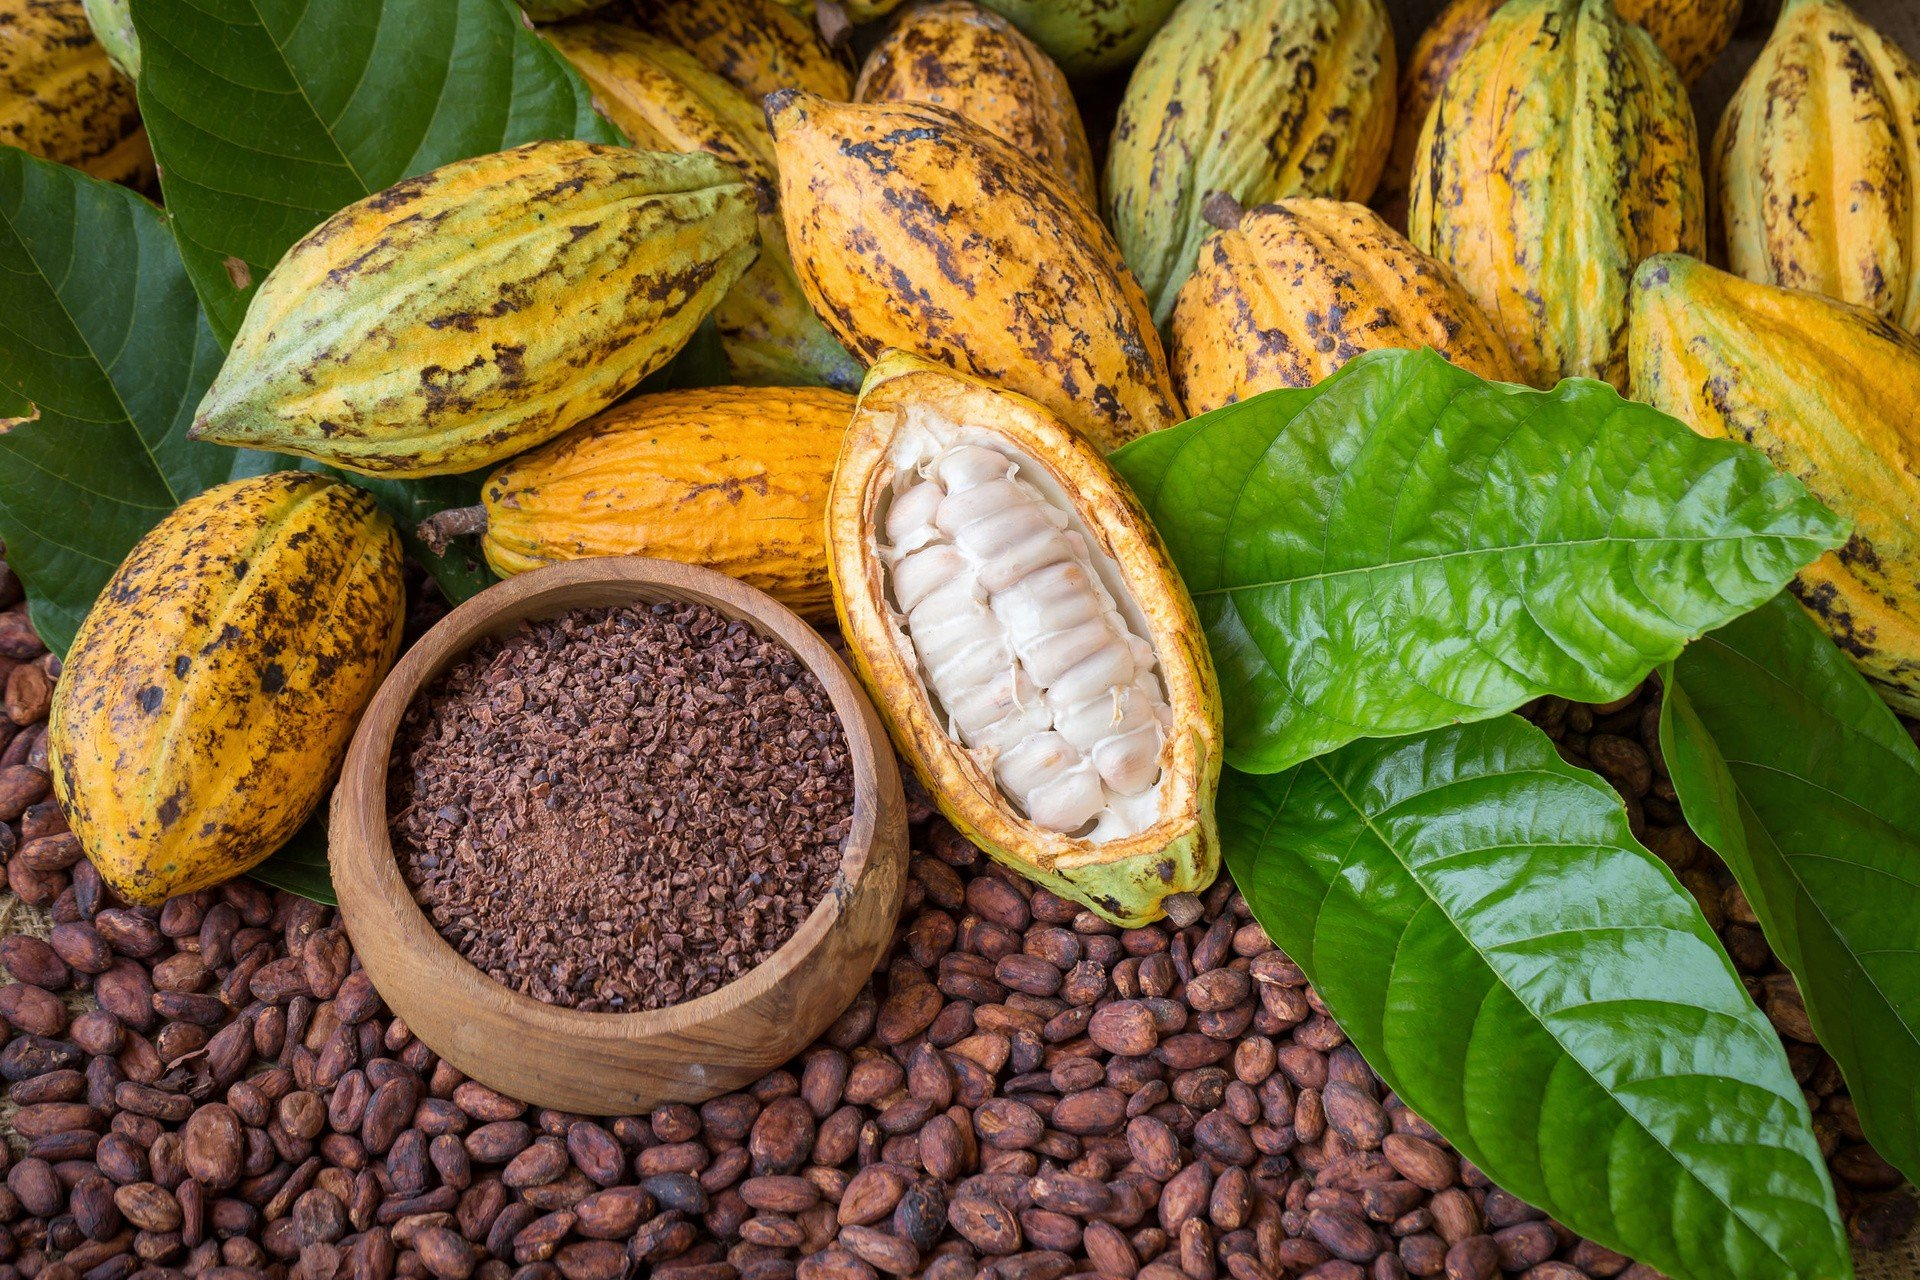 Дерево какао: описание, где растет и как выглядит